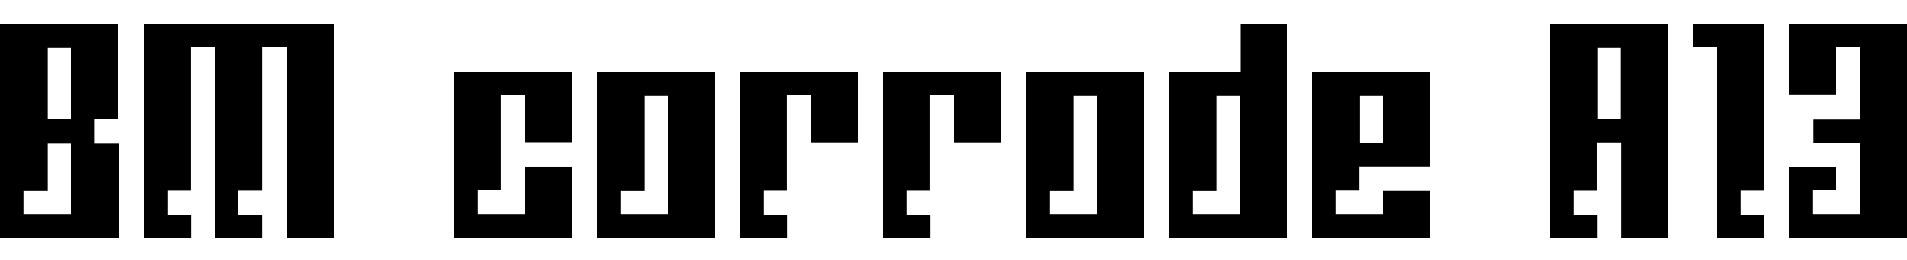 BM corrode A13